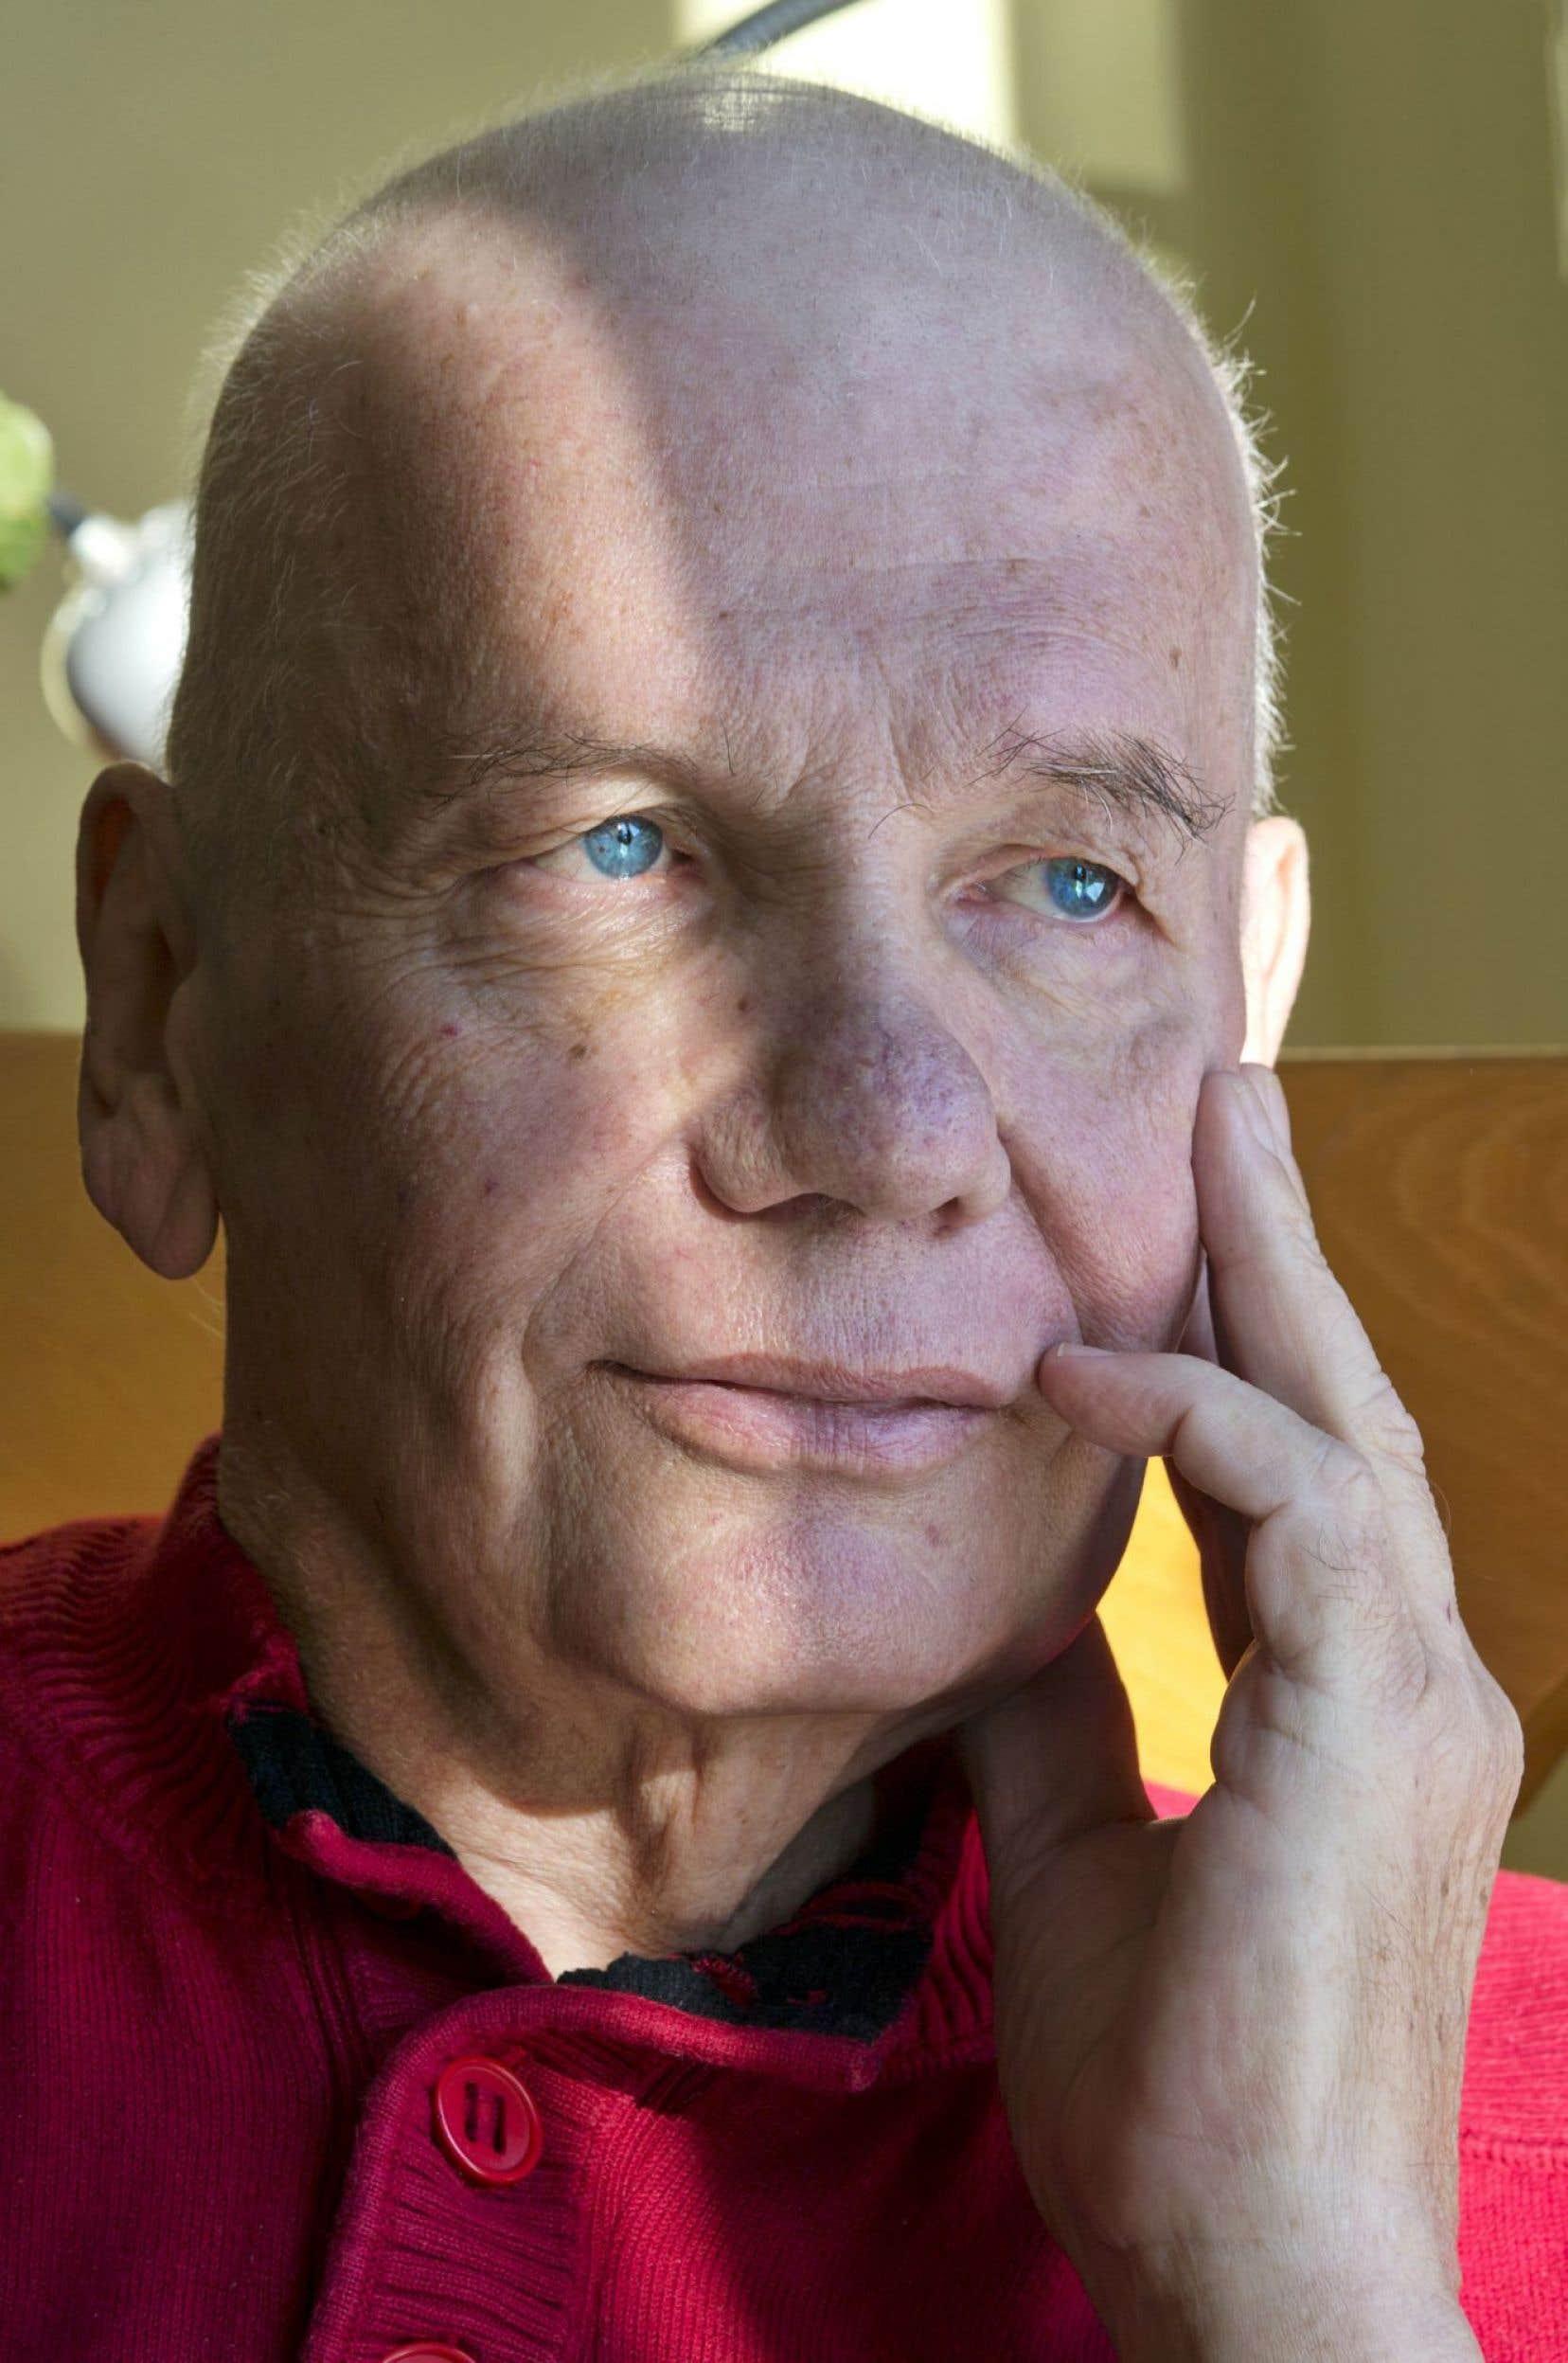 L'ancien maire de Montréal Jean Doré, photographié au cours de l'entretien qu'il a accordé au Devoir